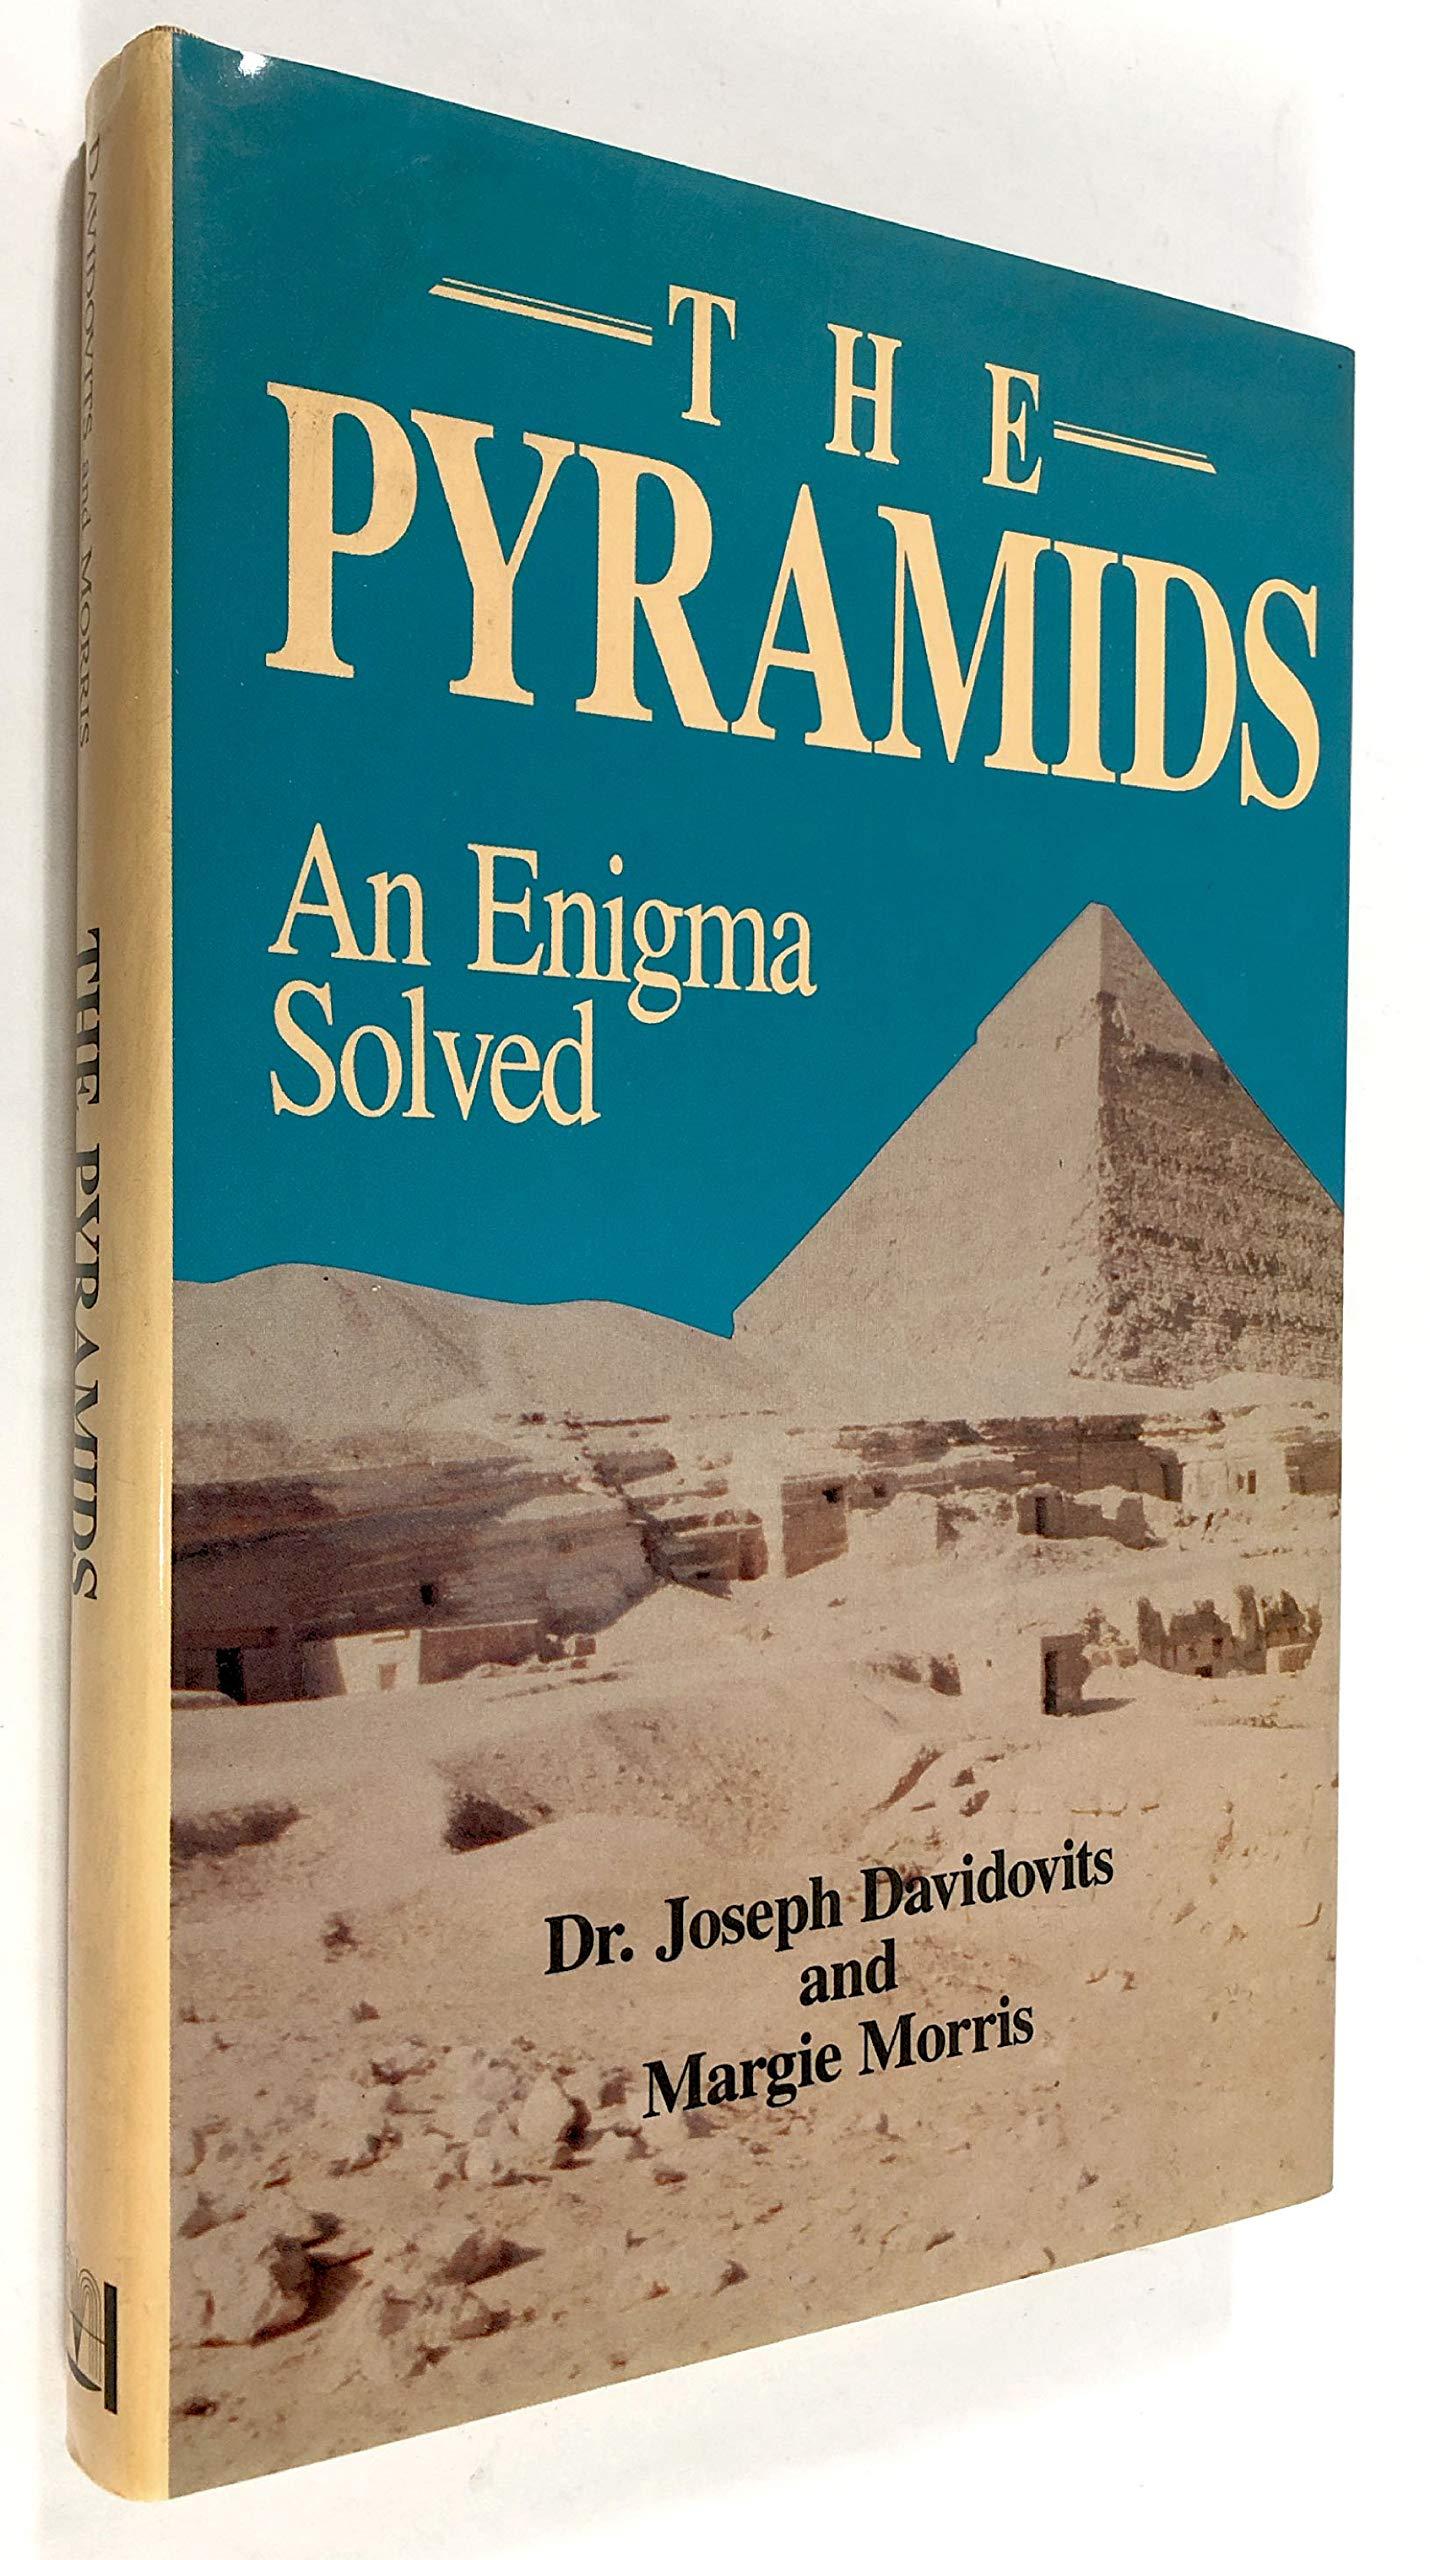 Pyramids, The: An Enigma Solved: Amazon.es: Davidovits, Joseph, Morris, Margie: Libros en idiomas extranjeros